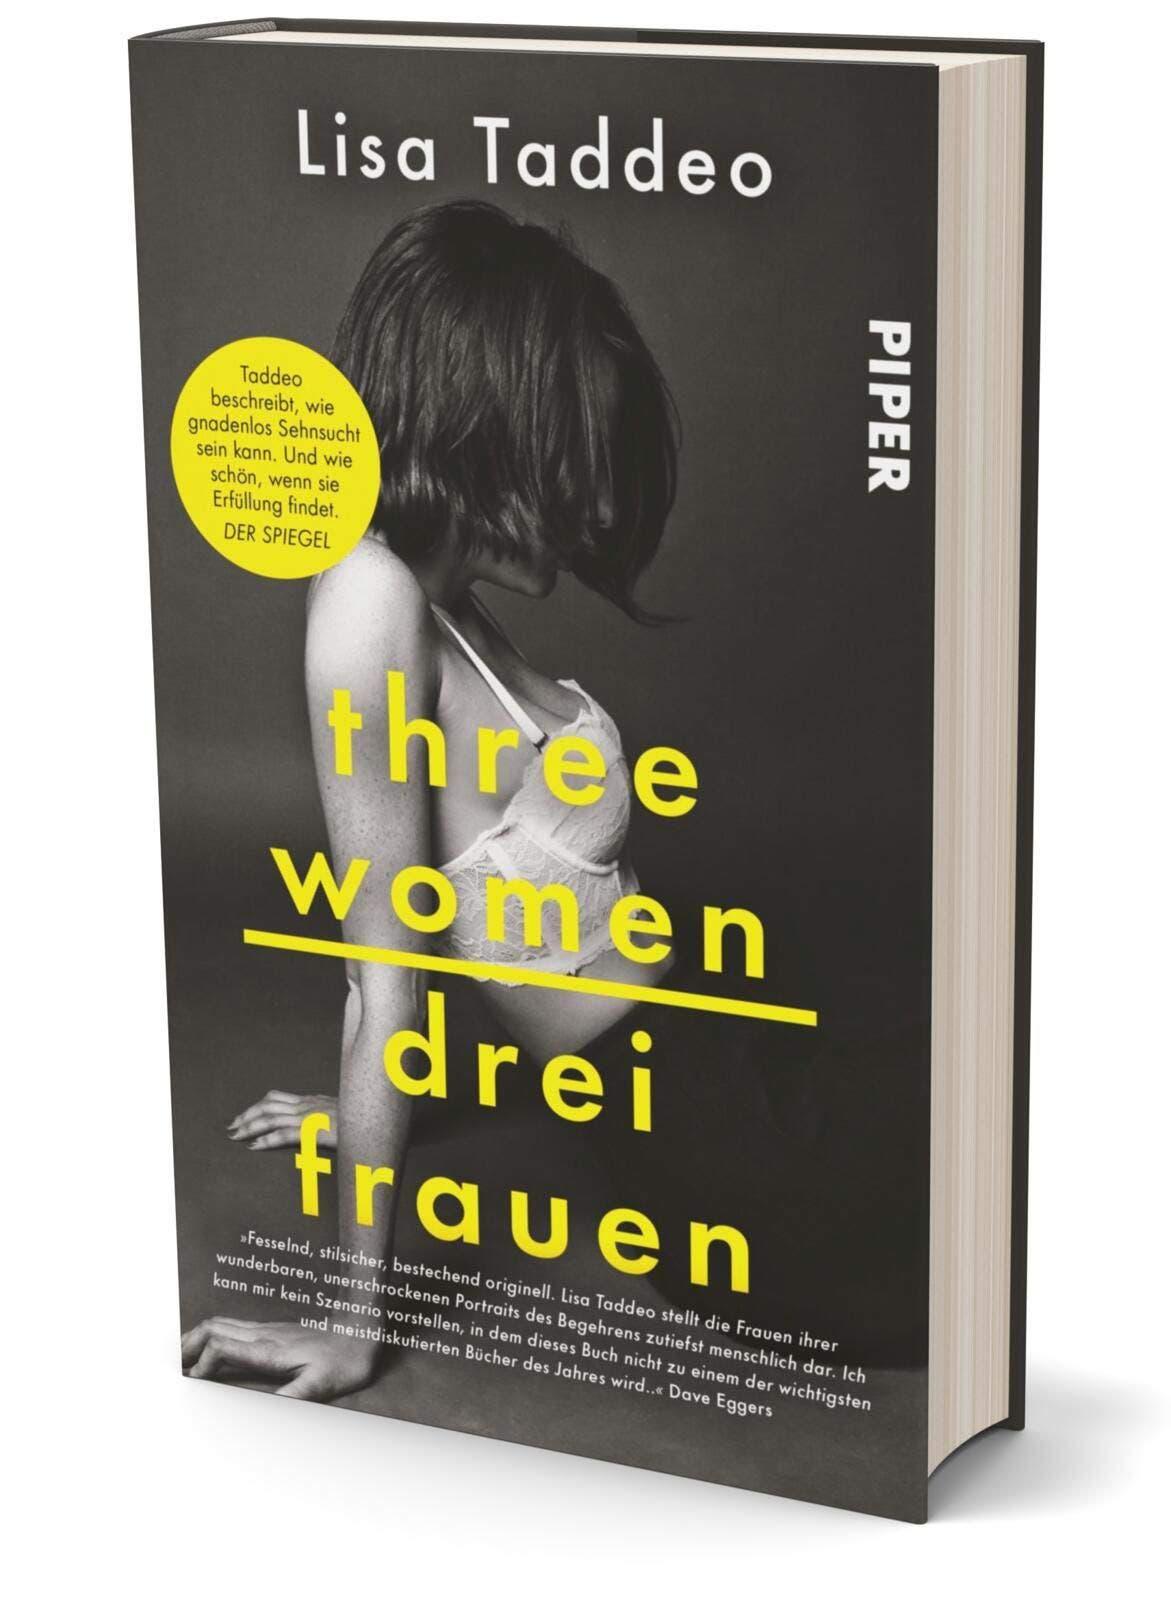 Sexy nackte Wemon wird gefickt Bücher über männliche Sexualität